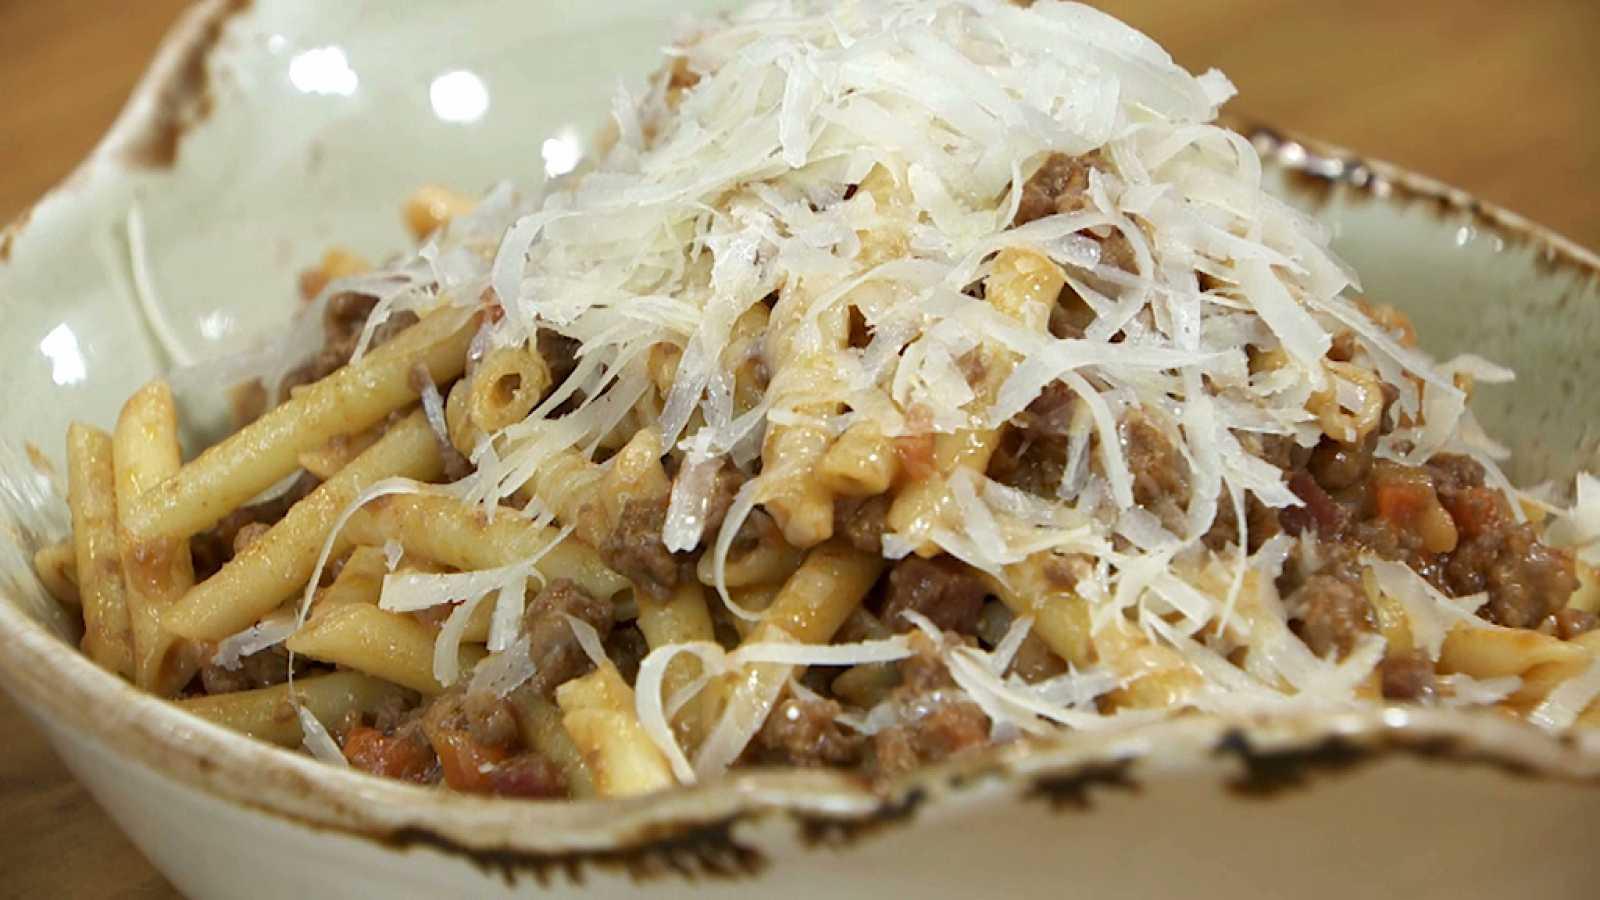 Torres en la cocina - Macarrones boloñesa clásica